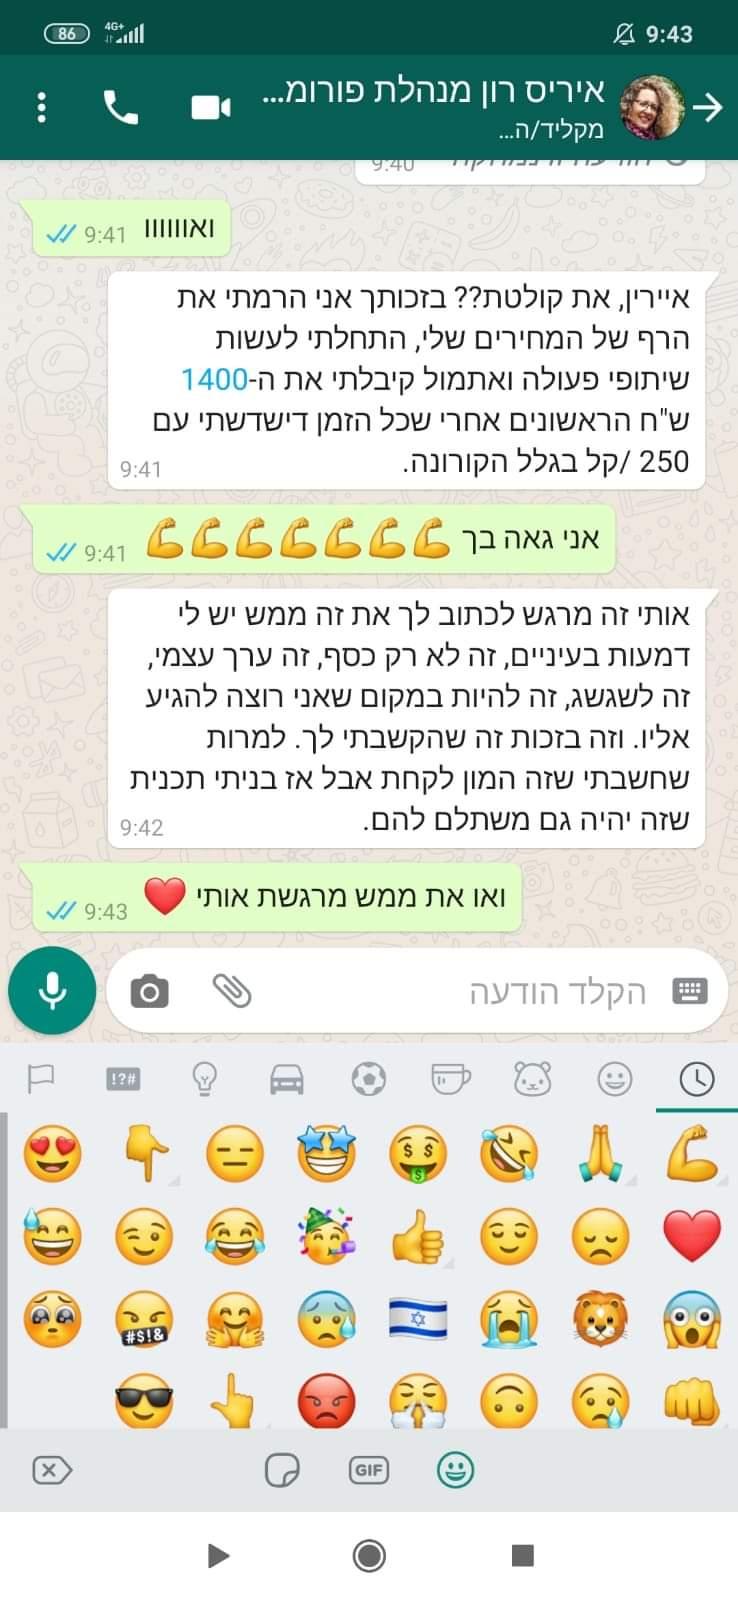 WhatsApp Image 2020-10-19 at 16.17.25